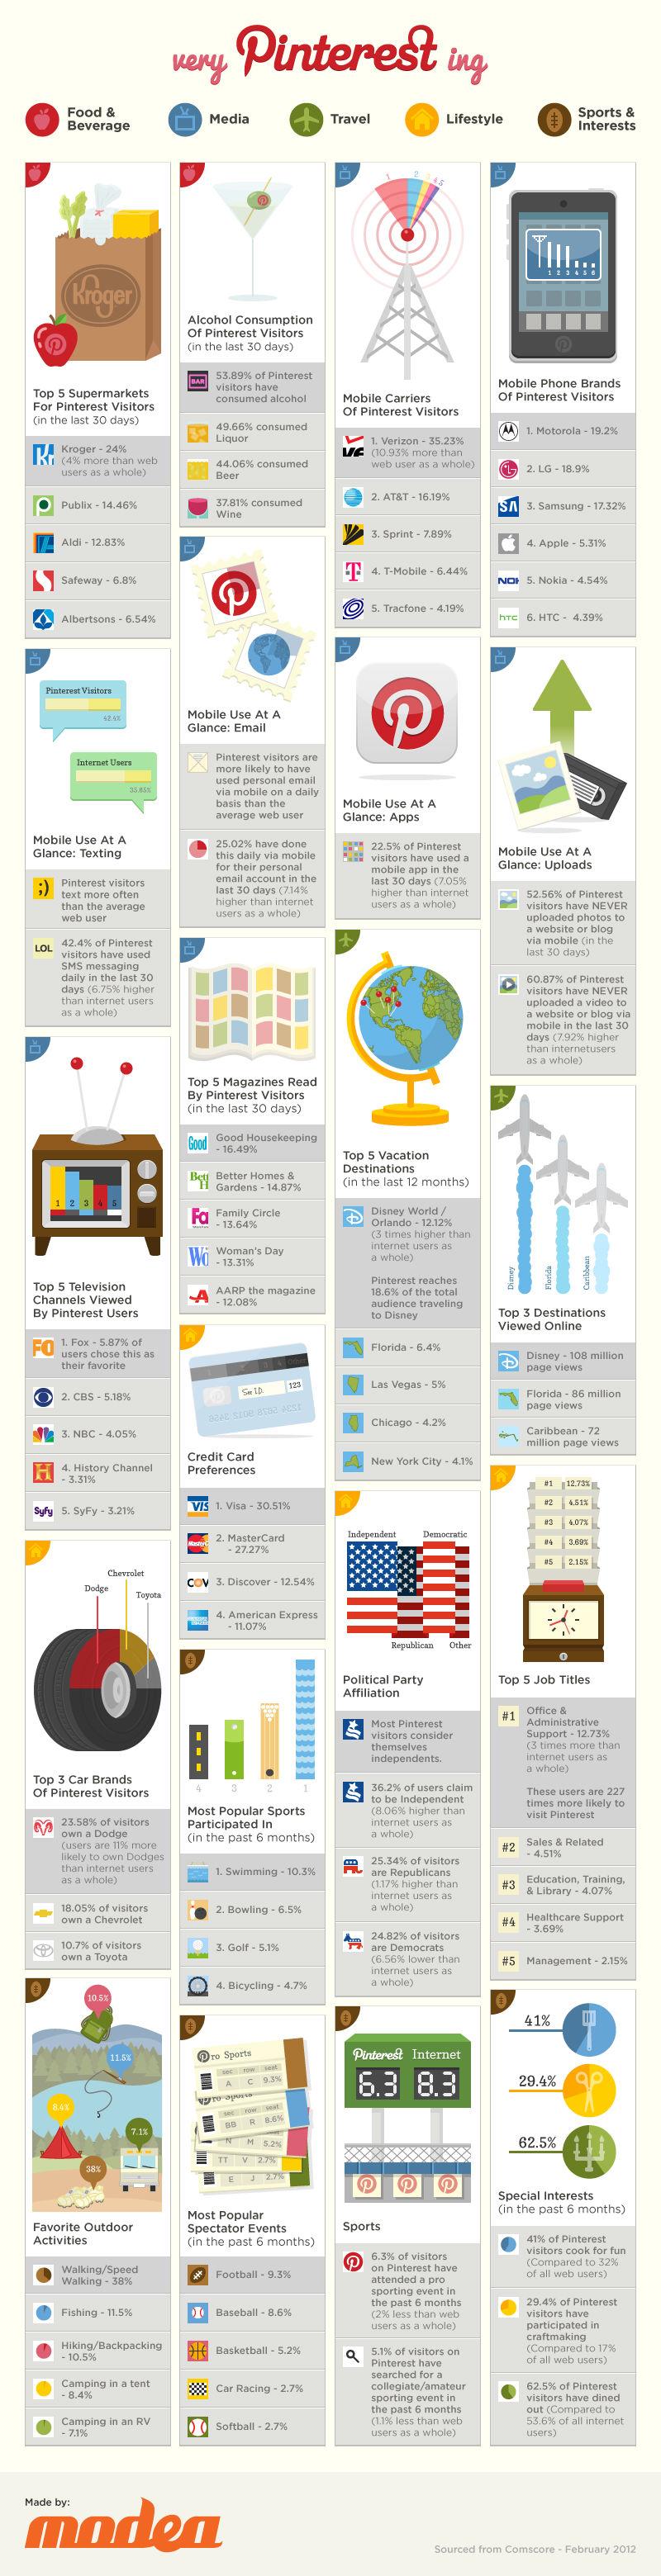 pinterest_partdeux-infographic-800